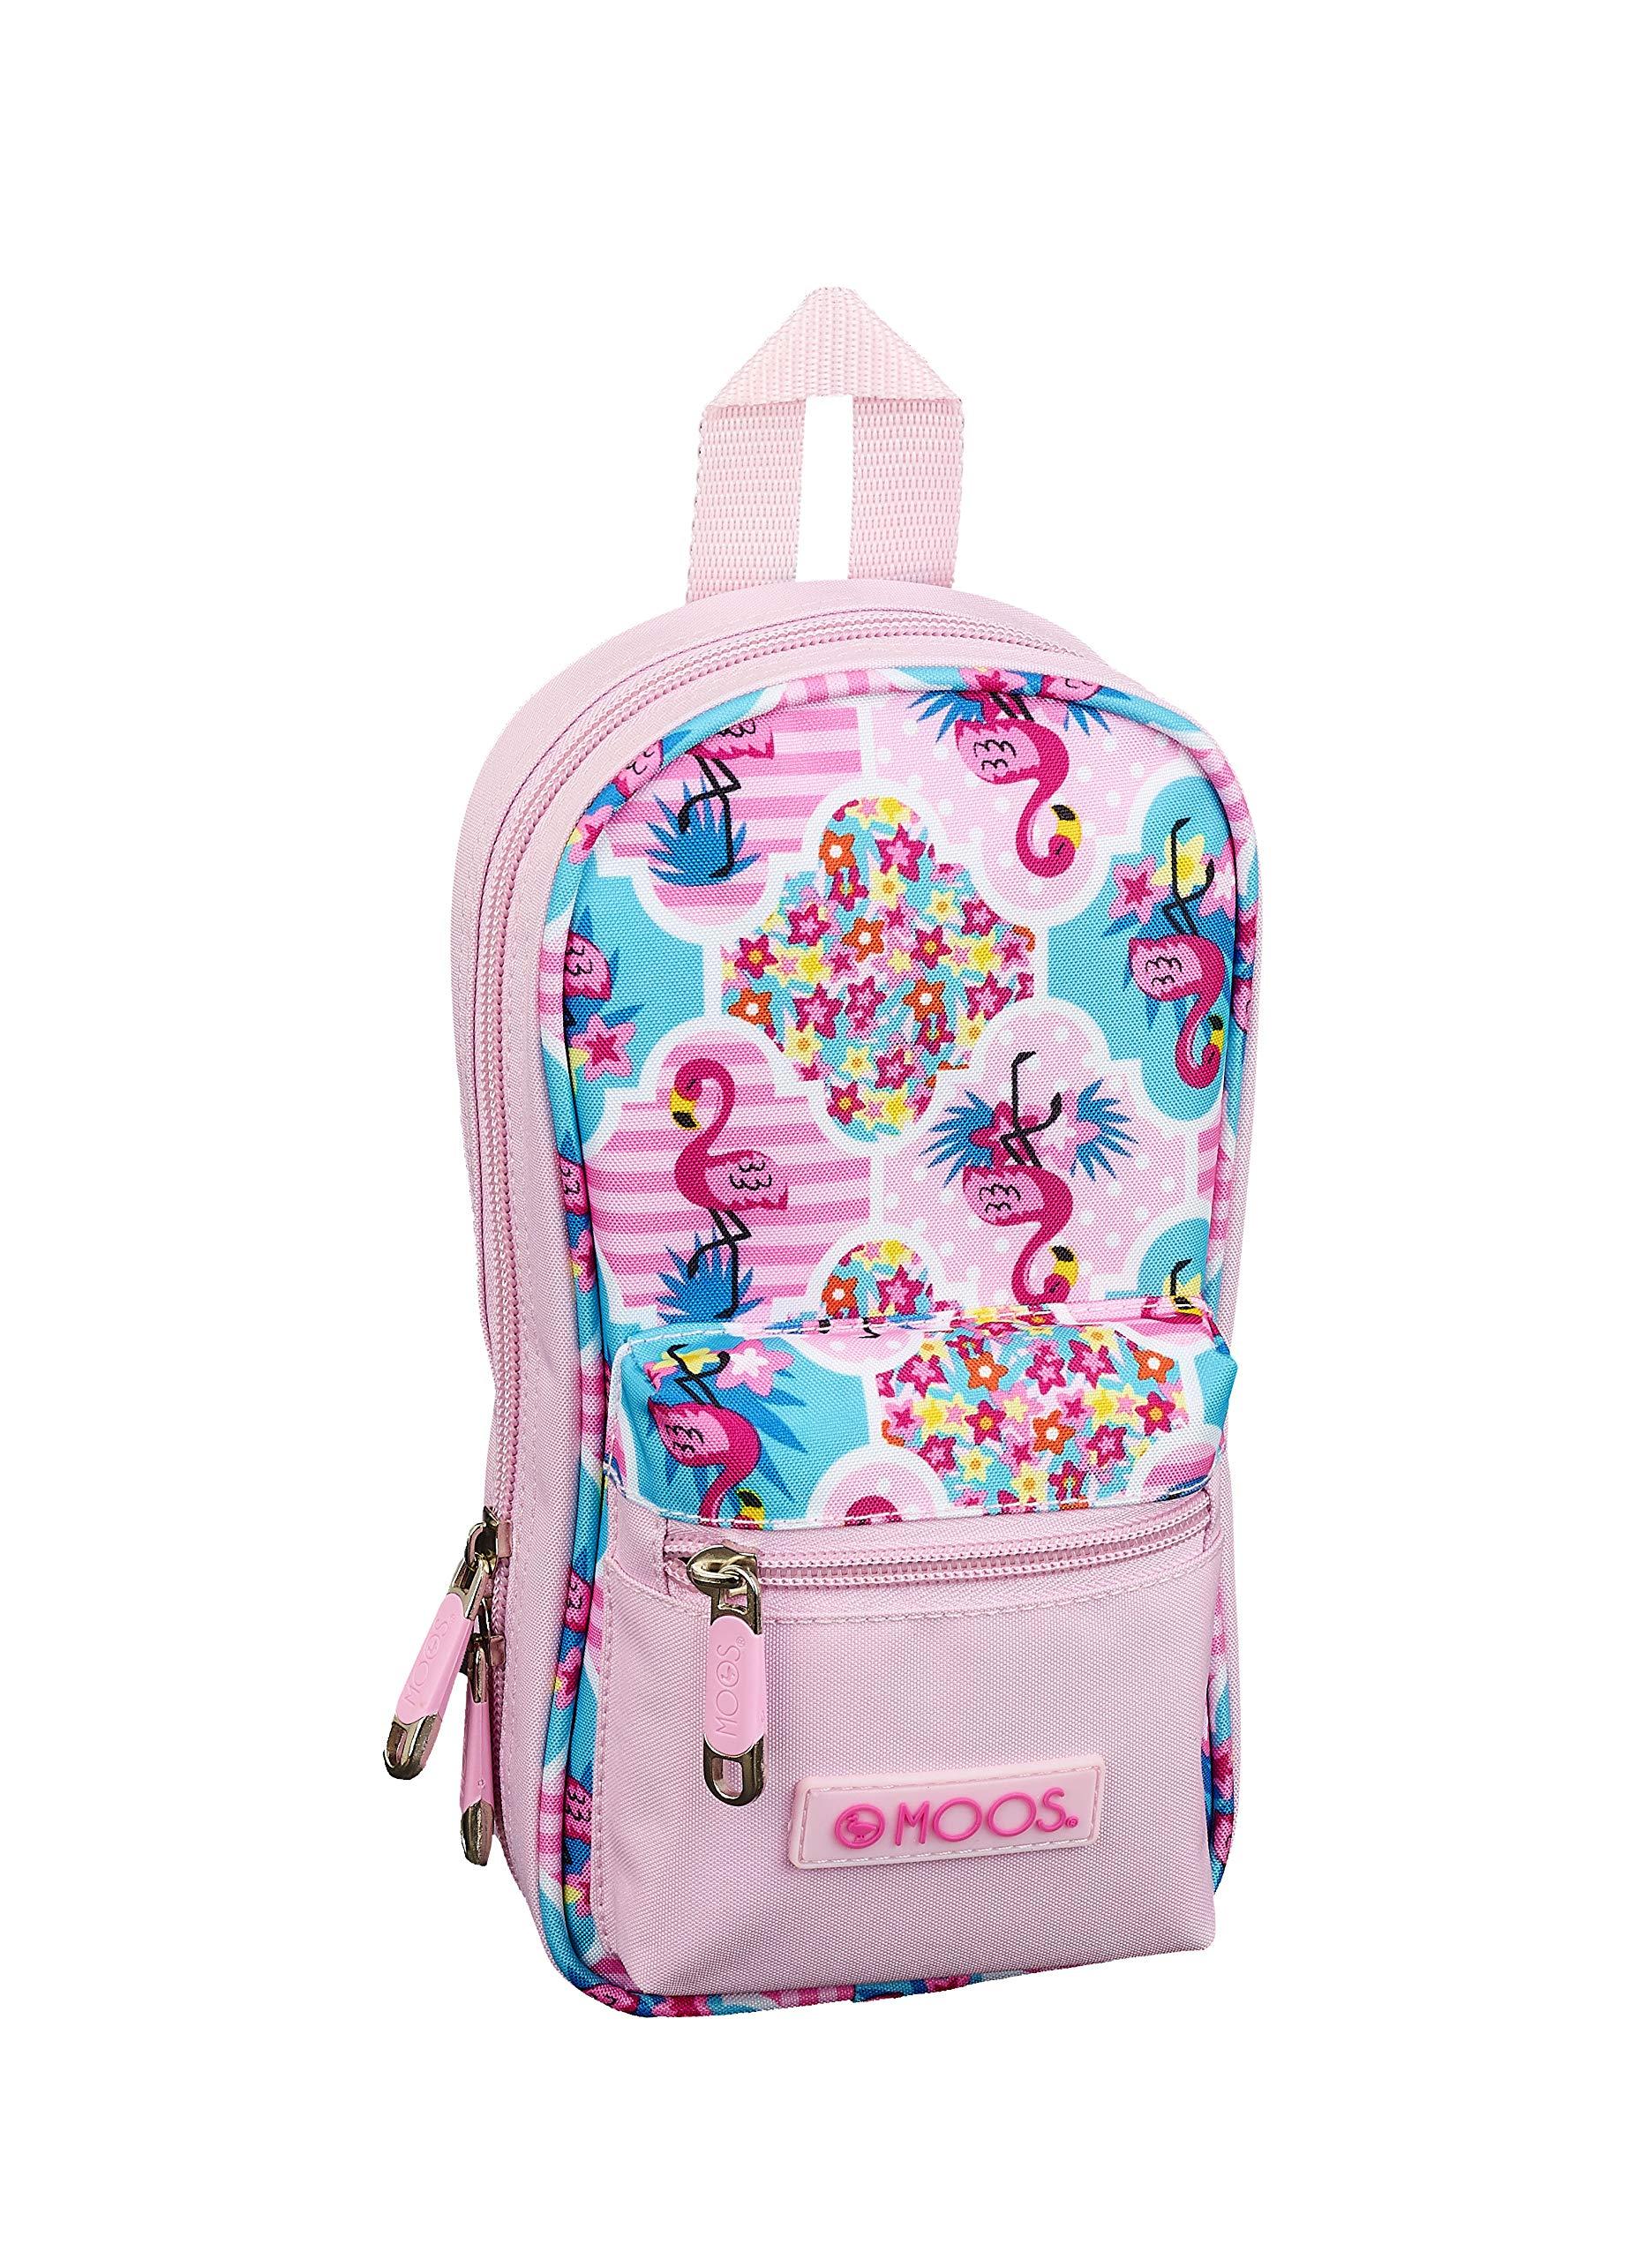 Moos  Flamingo Pink Oficial Neceser Con 4 Estuches y útiles 120x50x230mm